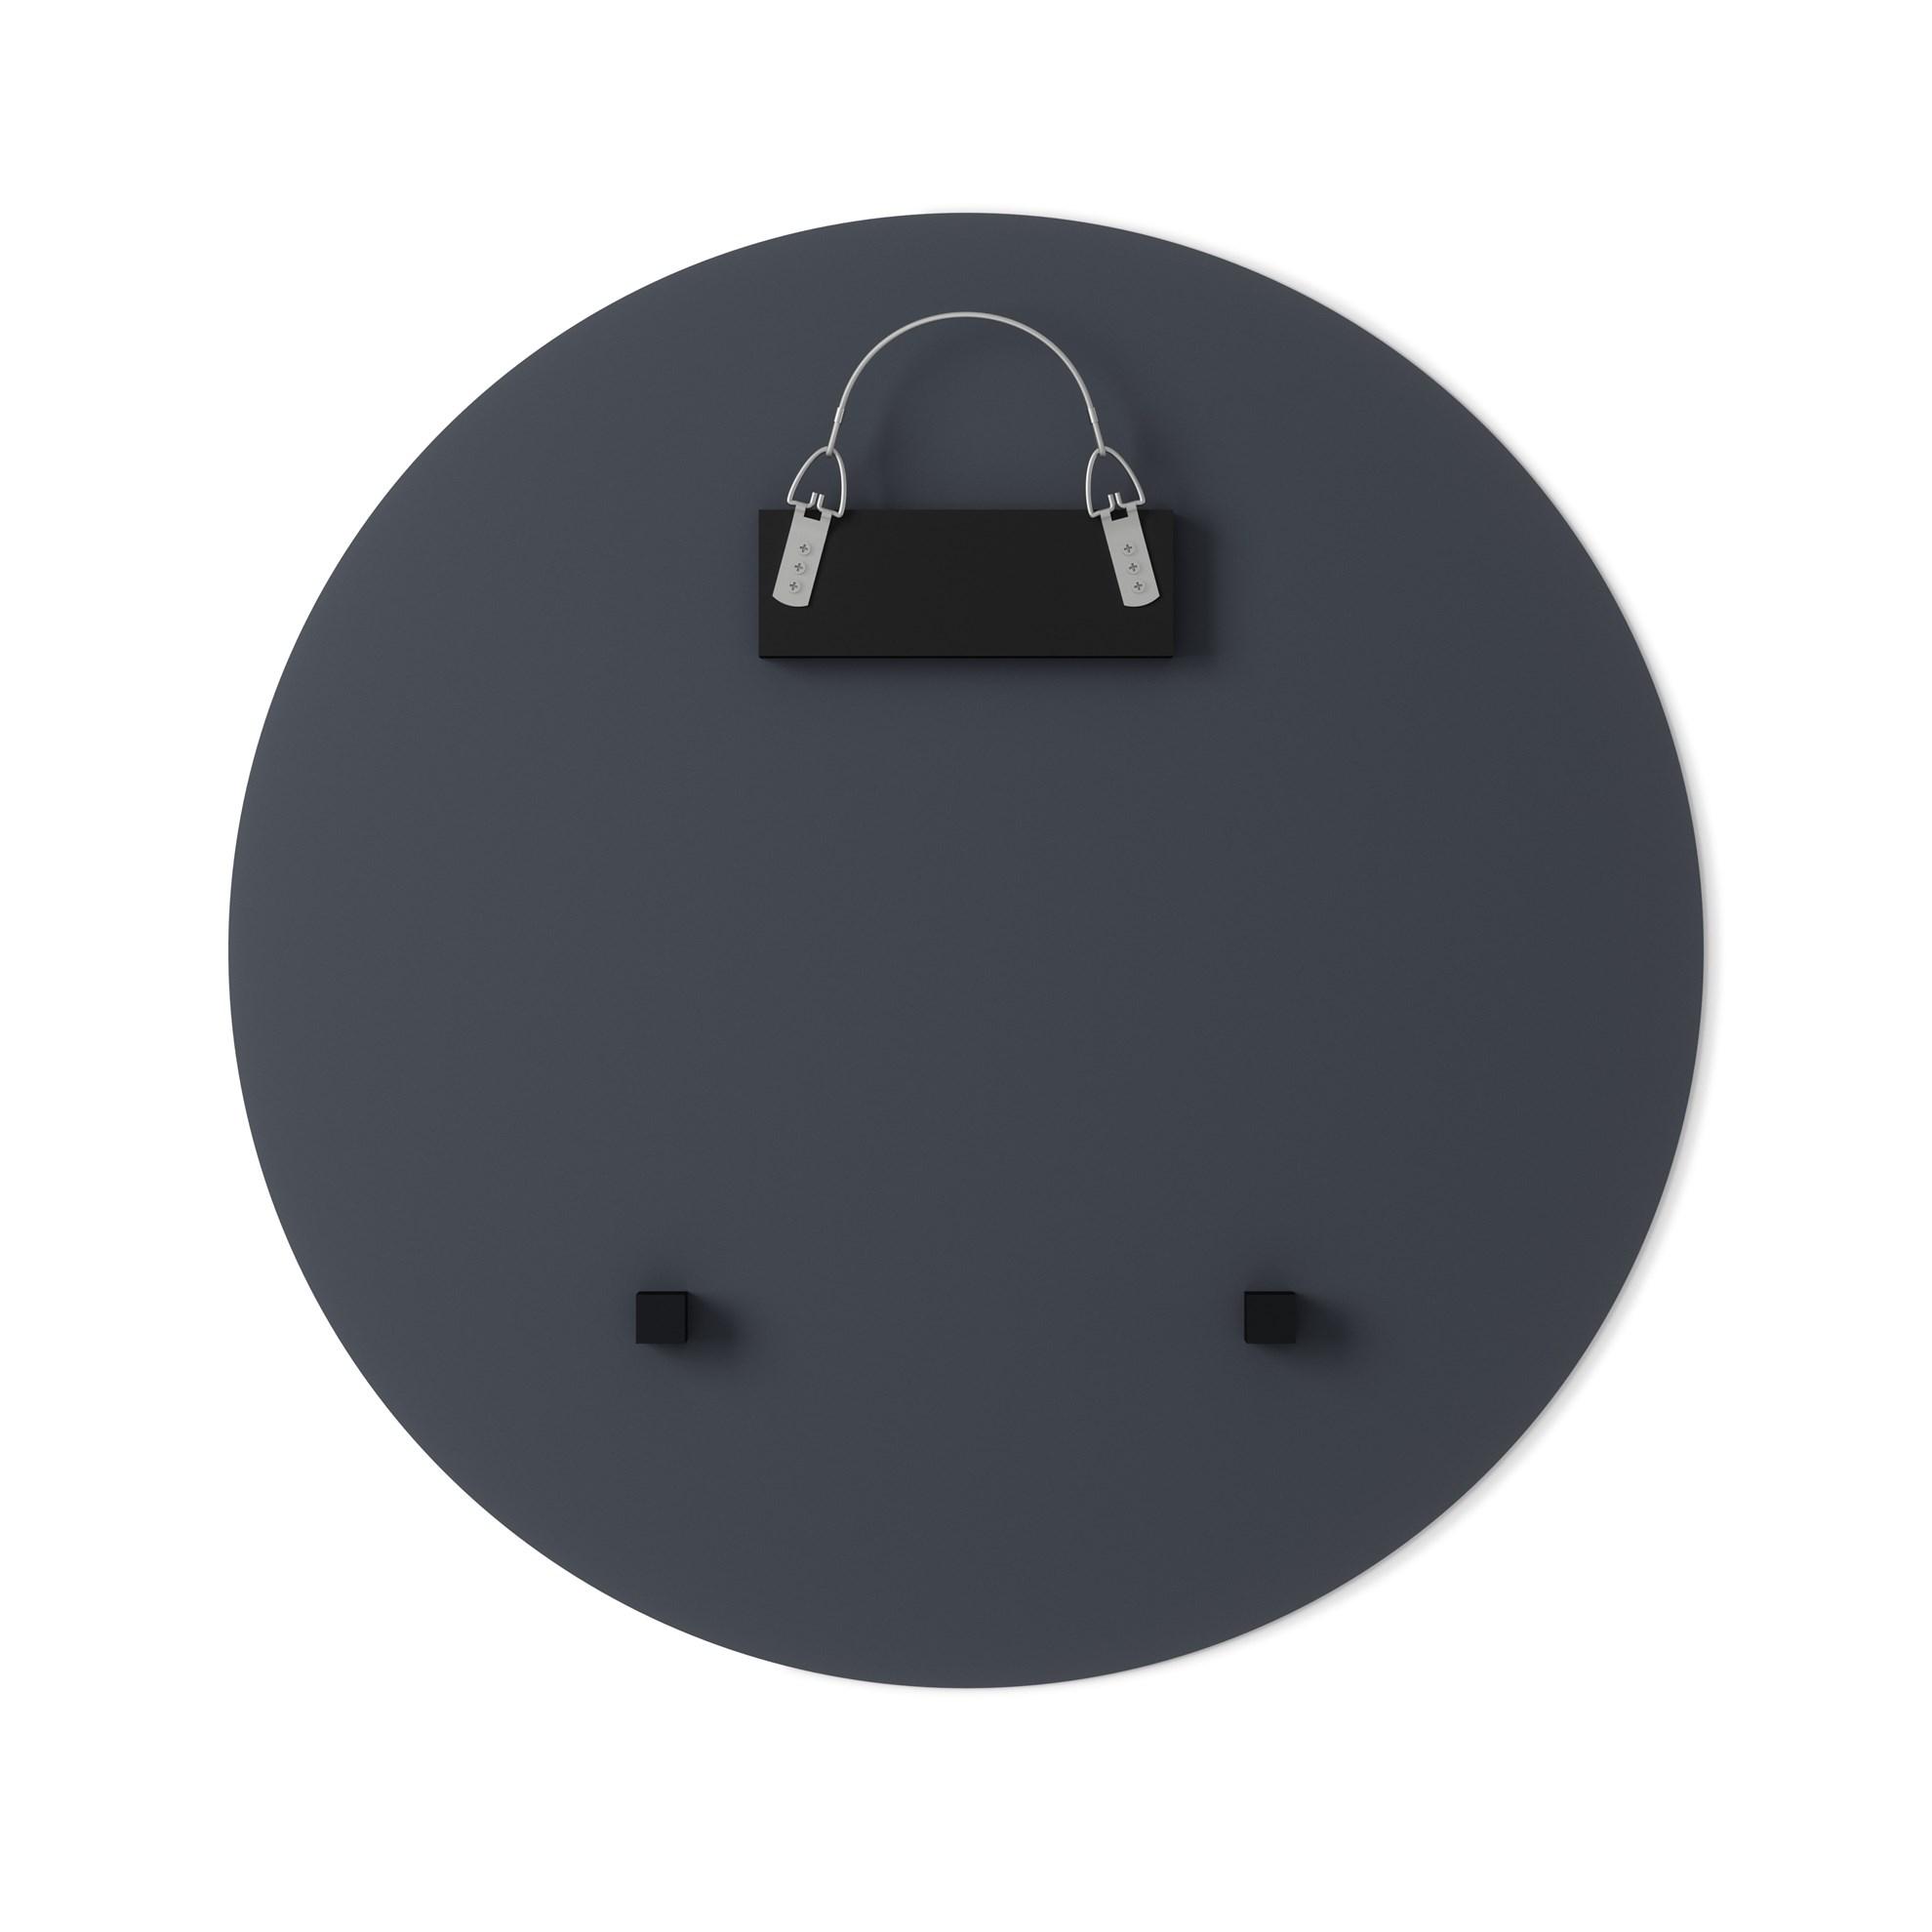 Zrcadlo HUB BEVY 61 cm kouřové_0